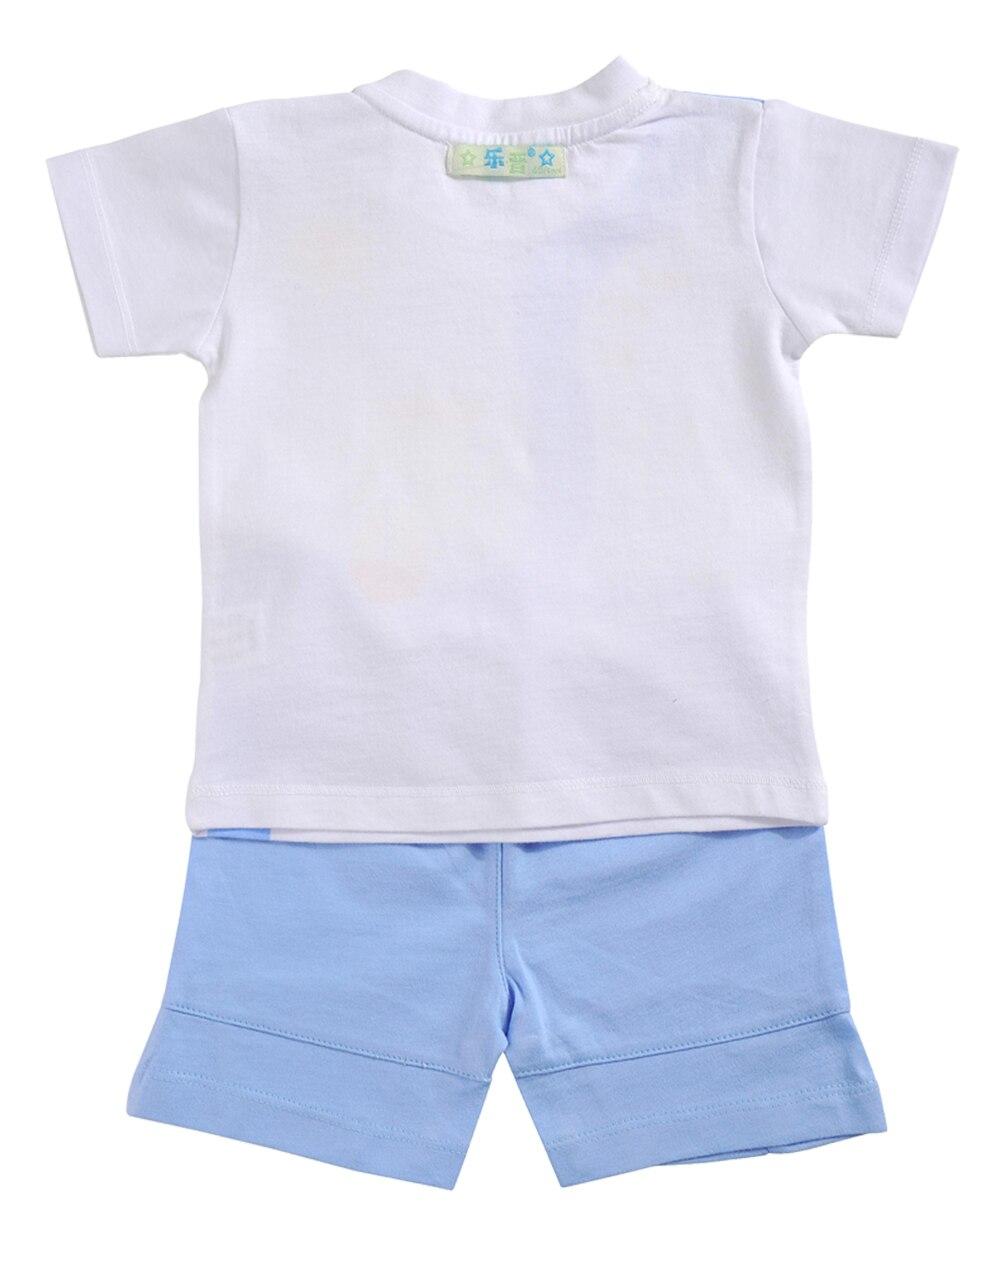 Бебешки момчета облекло Комплект - Бебешки дрехи - Снимка 2